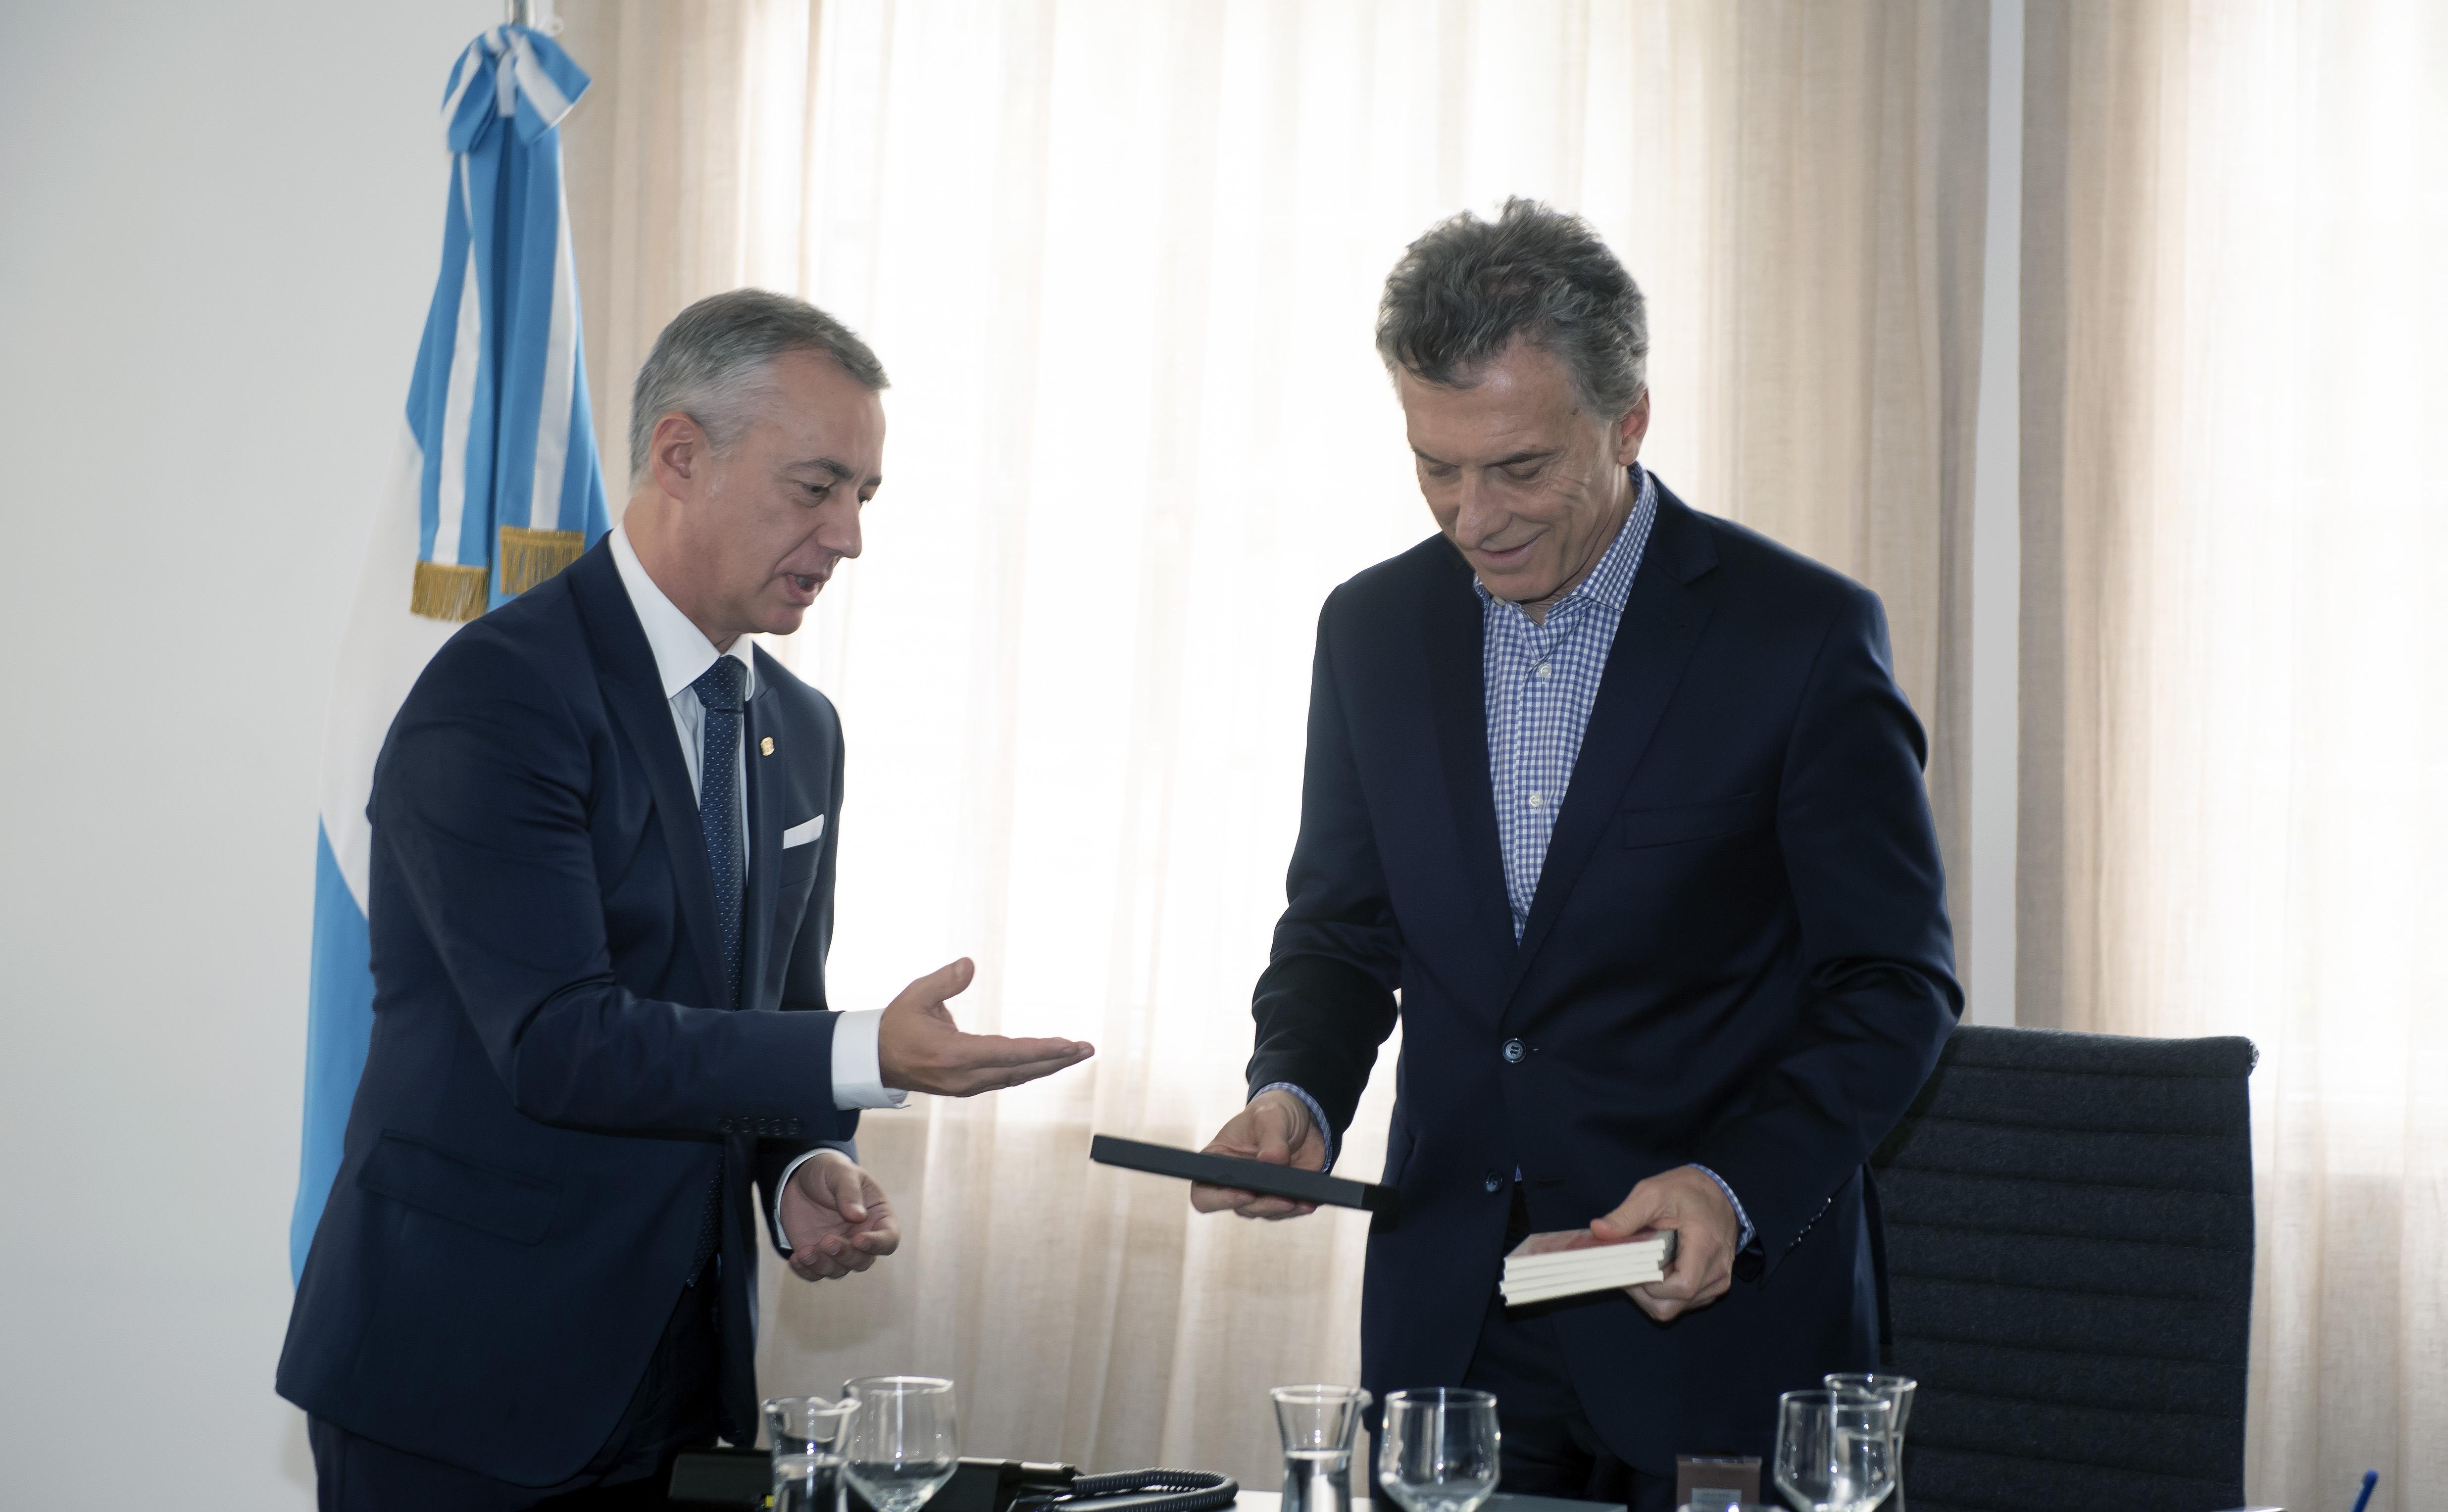 2018_11_02_lhk_presidente_argentina_04.jpg